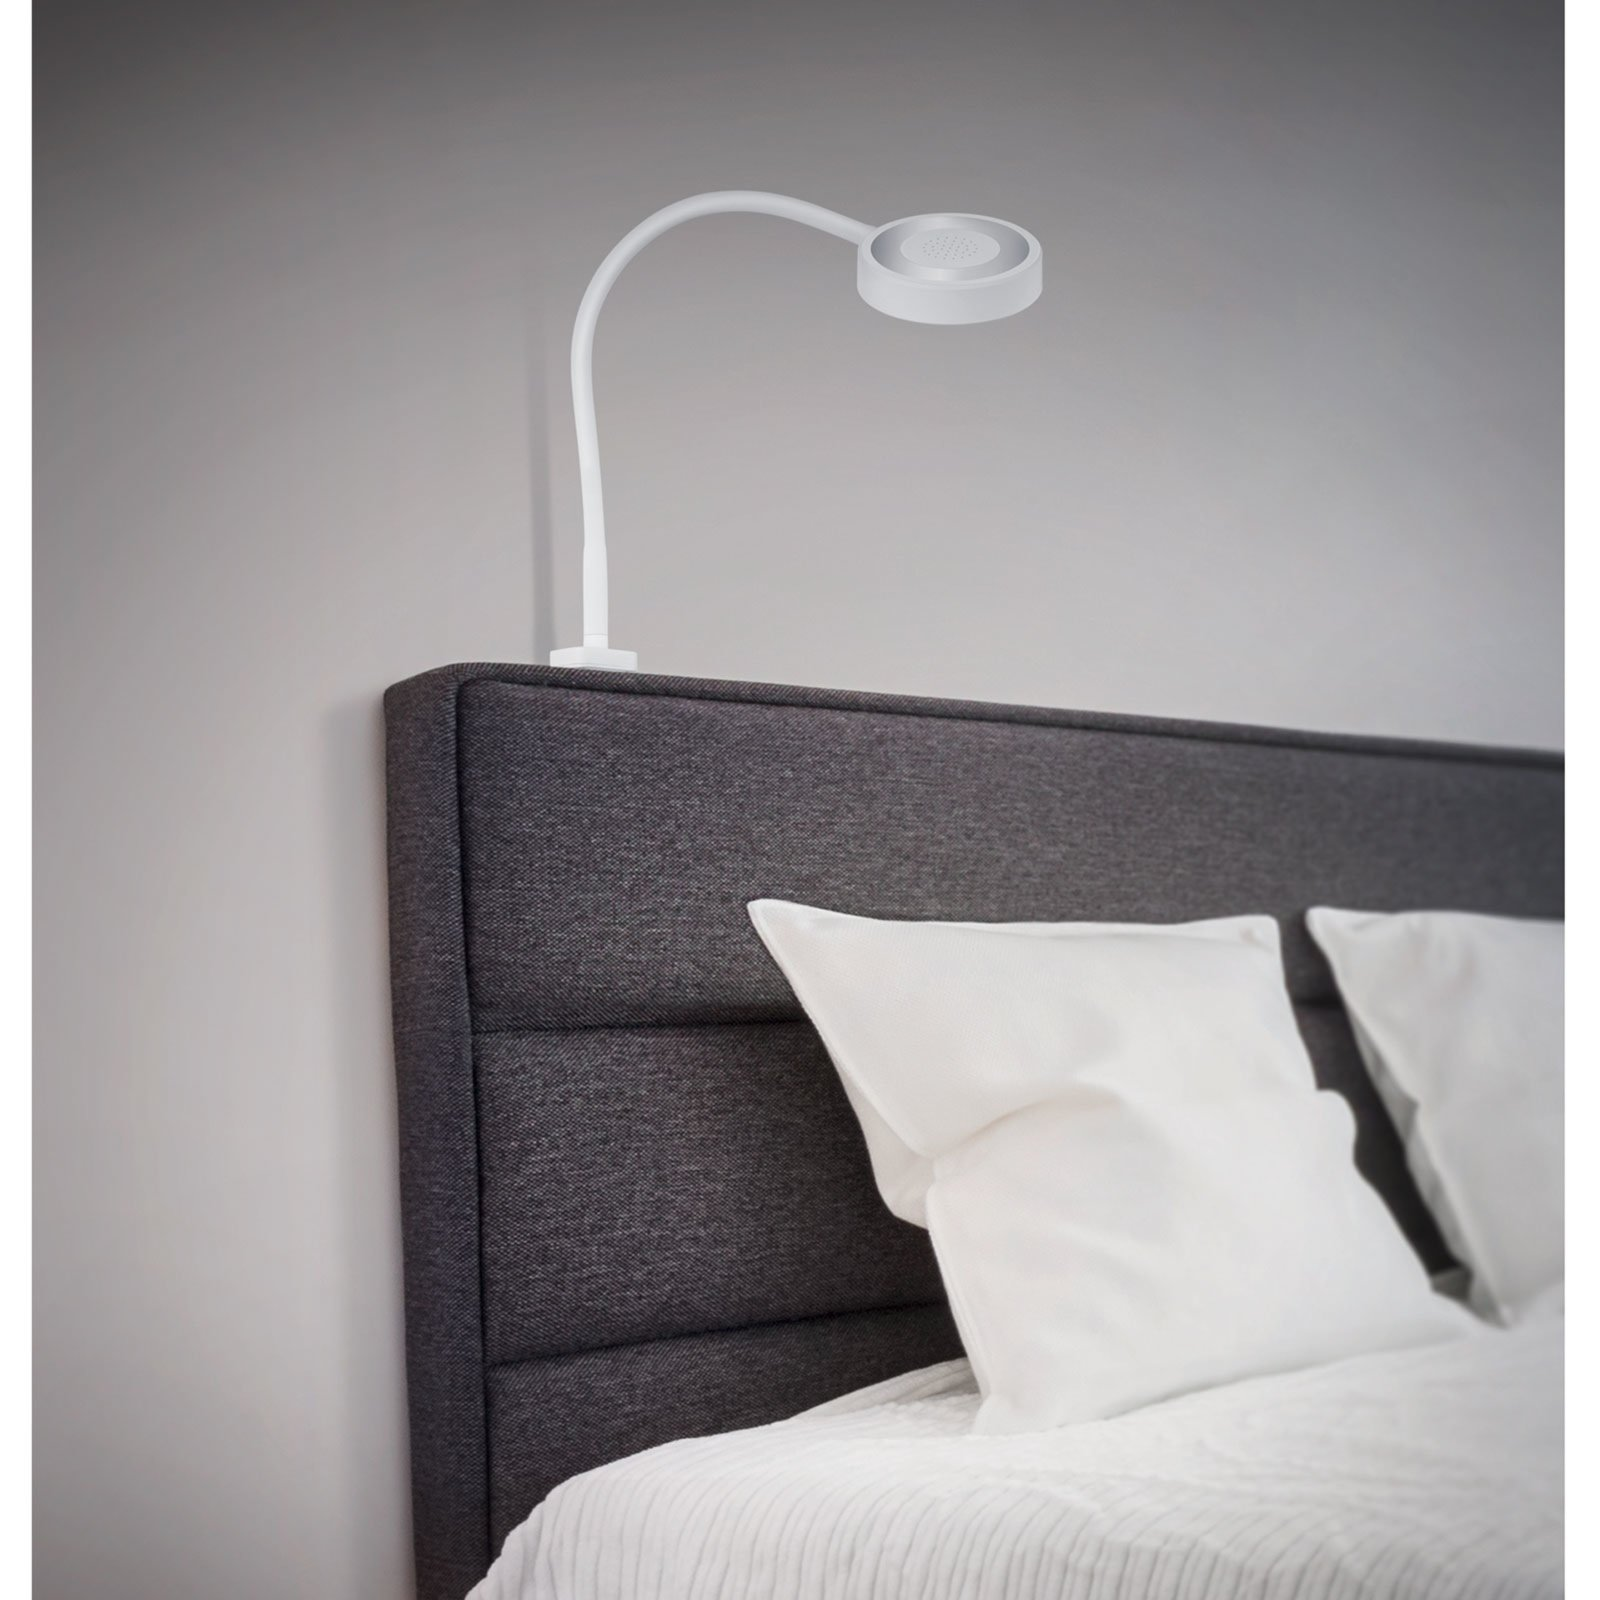 LAMPURA 2er-Set LED-Bettbeleuchtung BRITTA - weiß - mit Flexarm ...